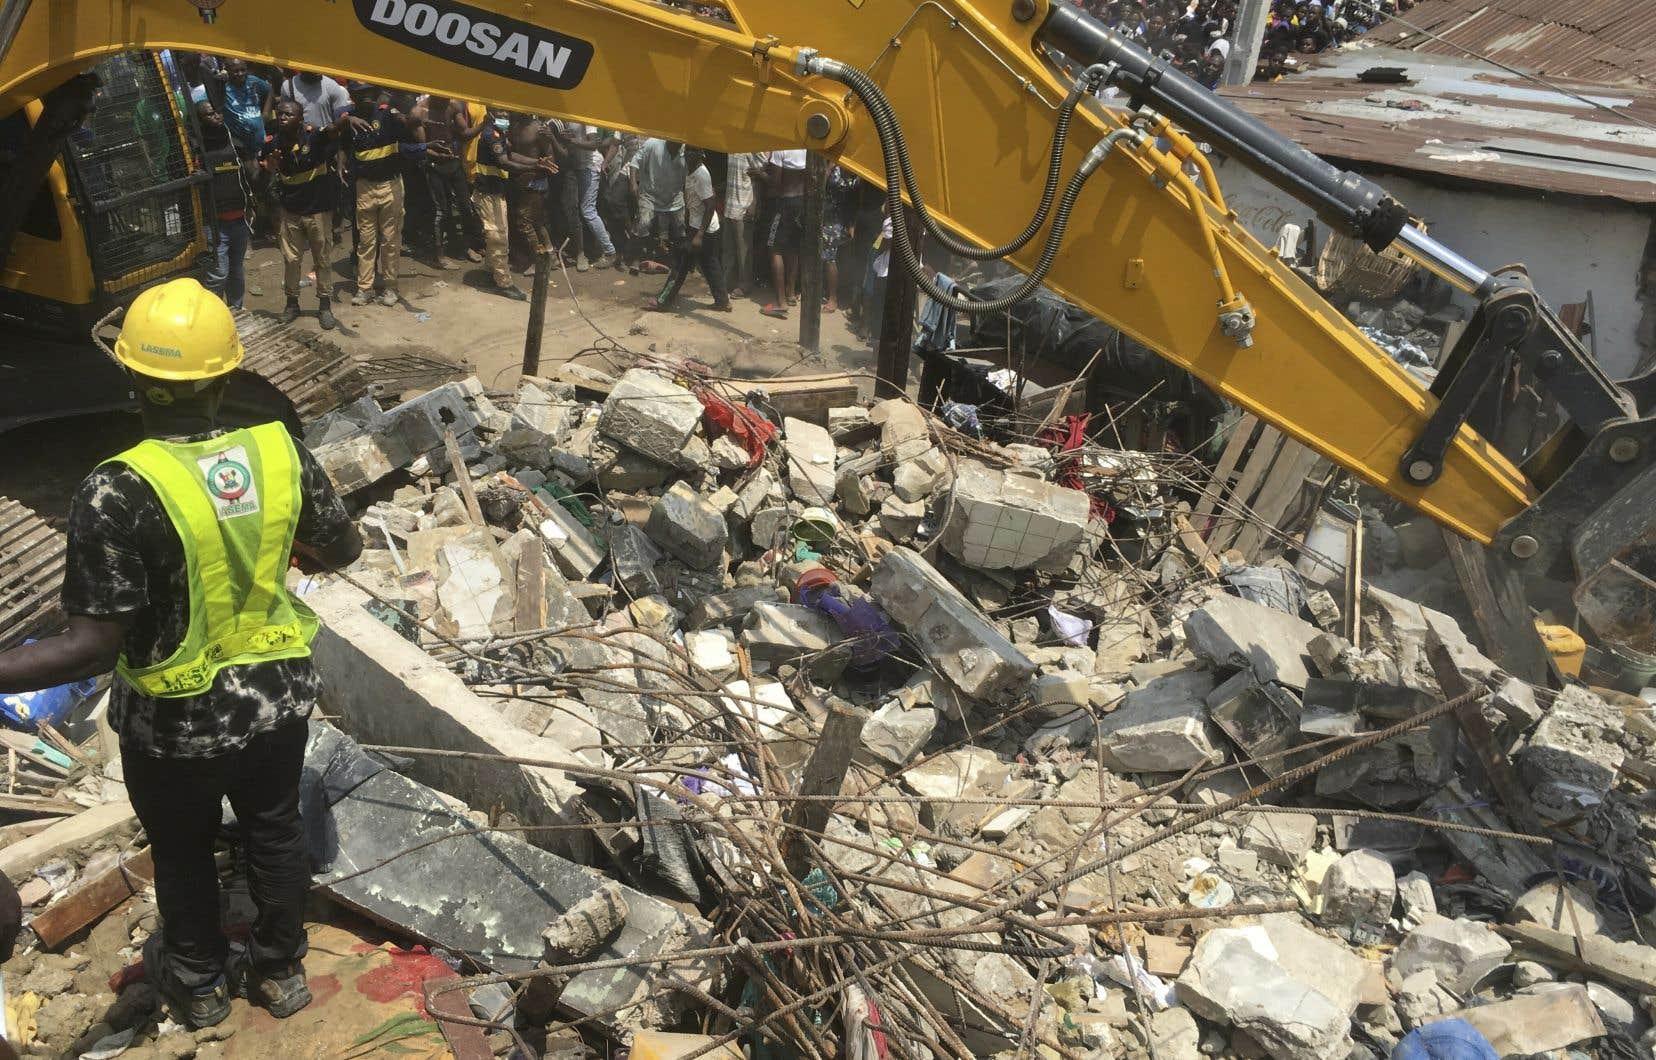 Il est encore difficile d'établir un bilan des victimes, une grande confusion régnant sur les lieux de l'accident à Lagos.